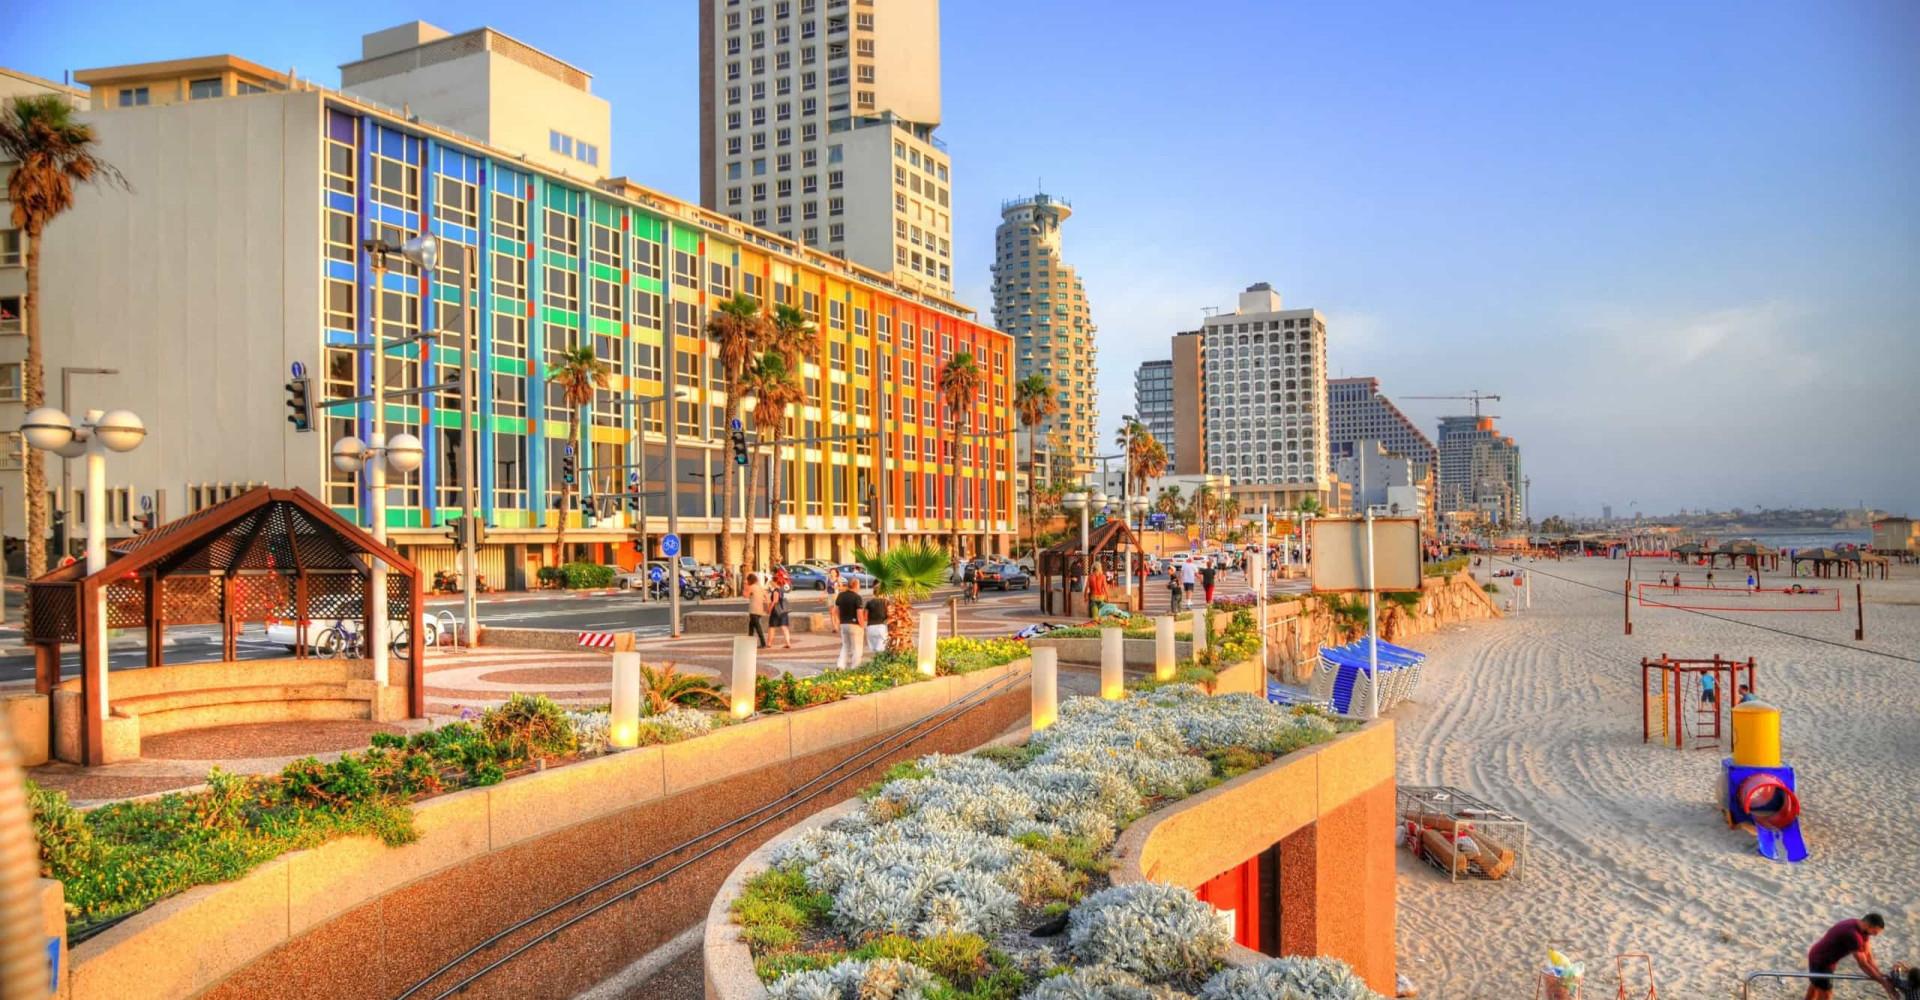 ¿Por qué Tel Aviv es una de las ciudades más tolerantes del mundo?